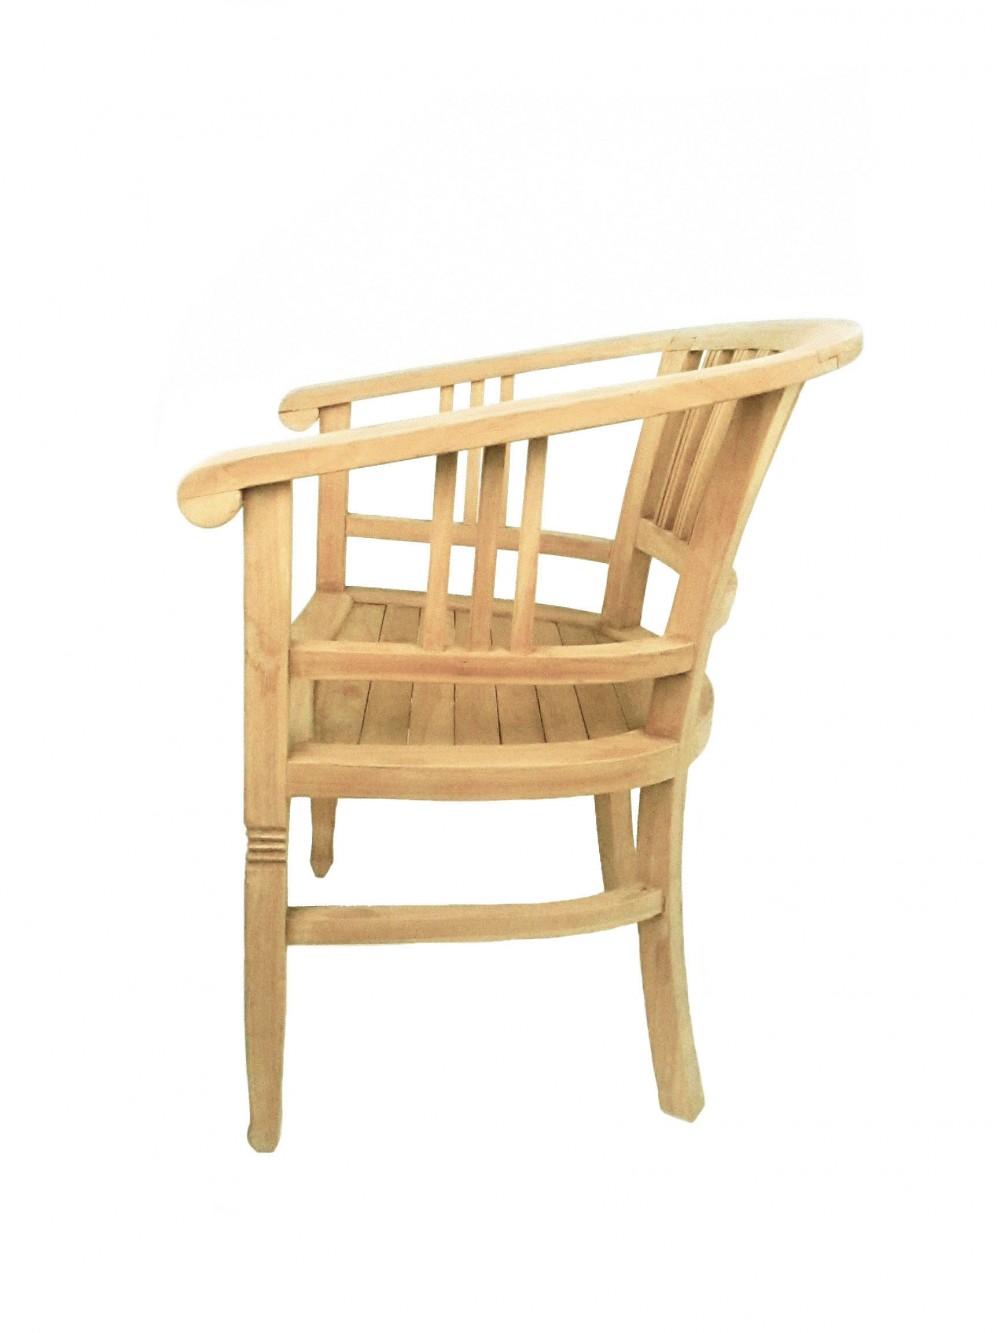 Teakfa kerti szék (2703206000000)     Kosárház Webshop